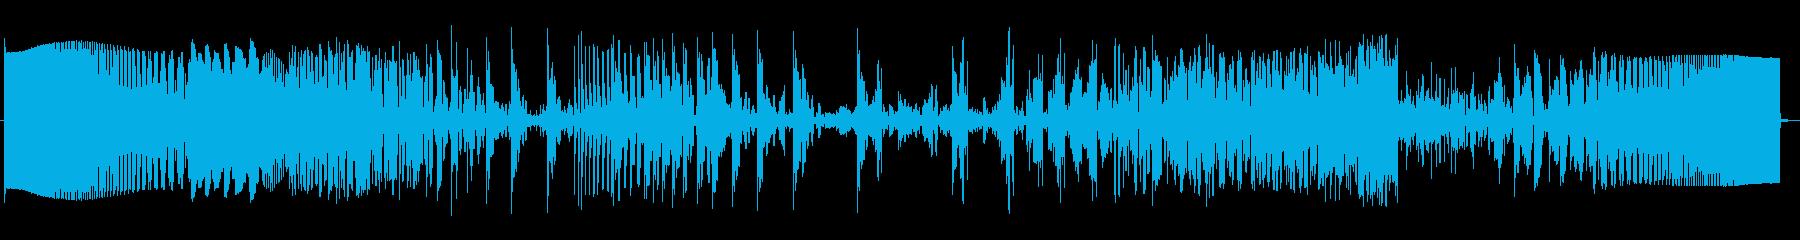 ビッグエレクトロザッパースワイプ2の再生済みの波形